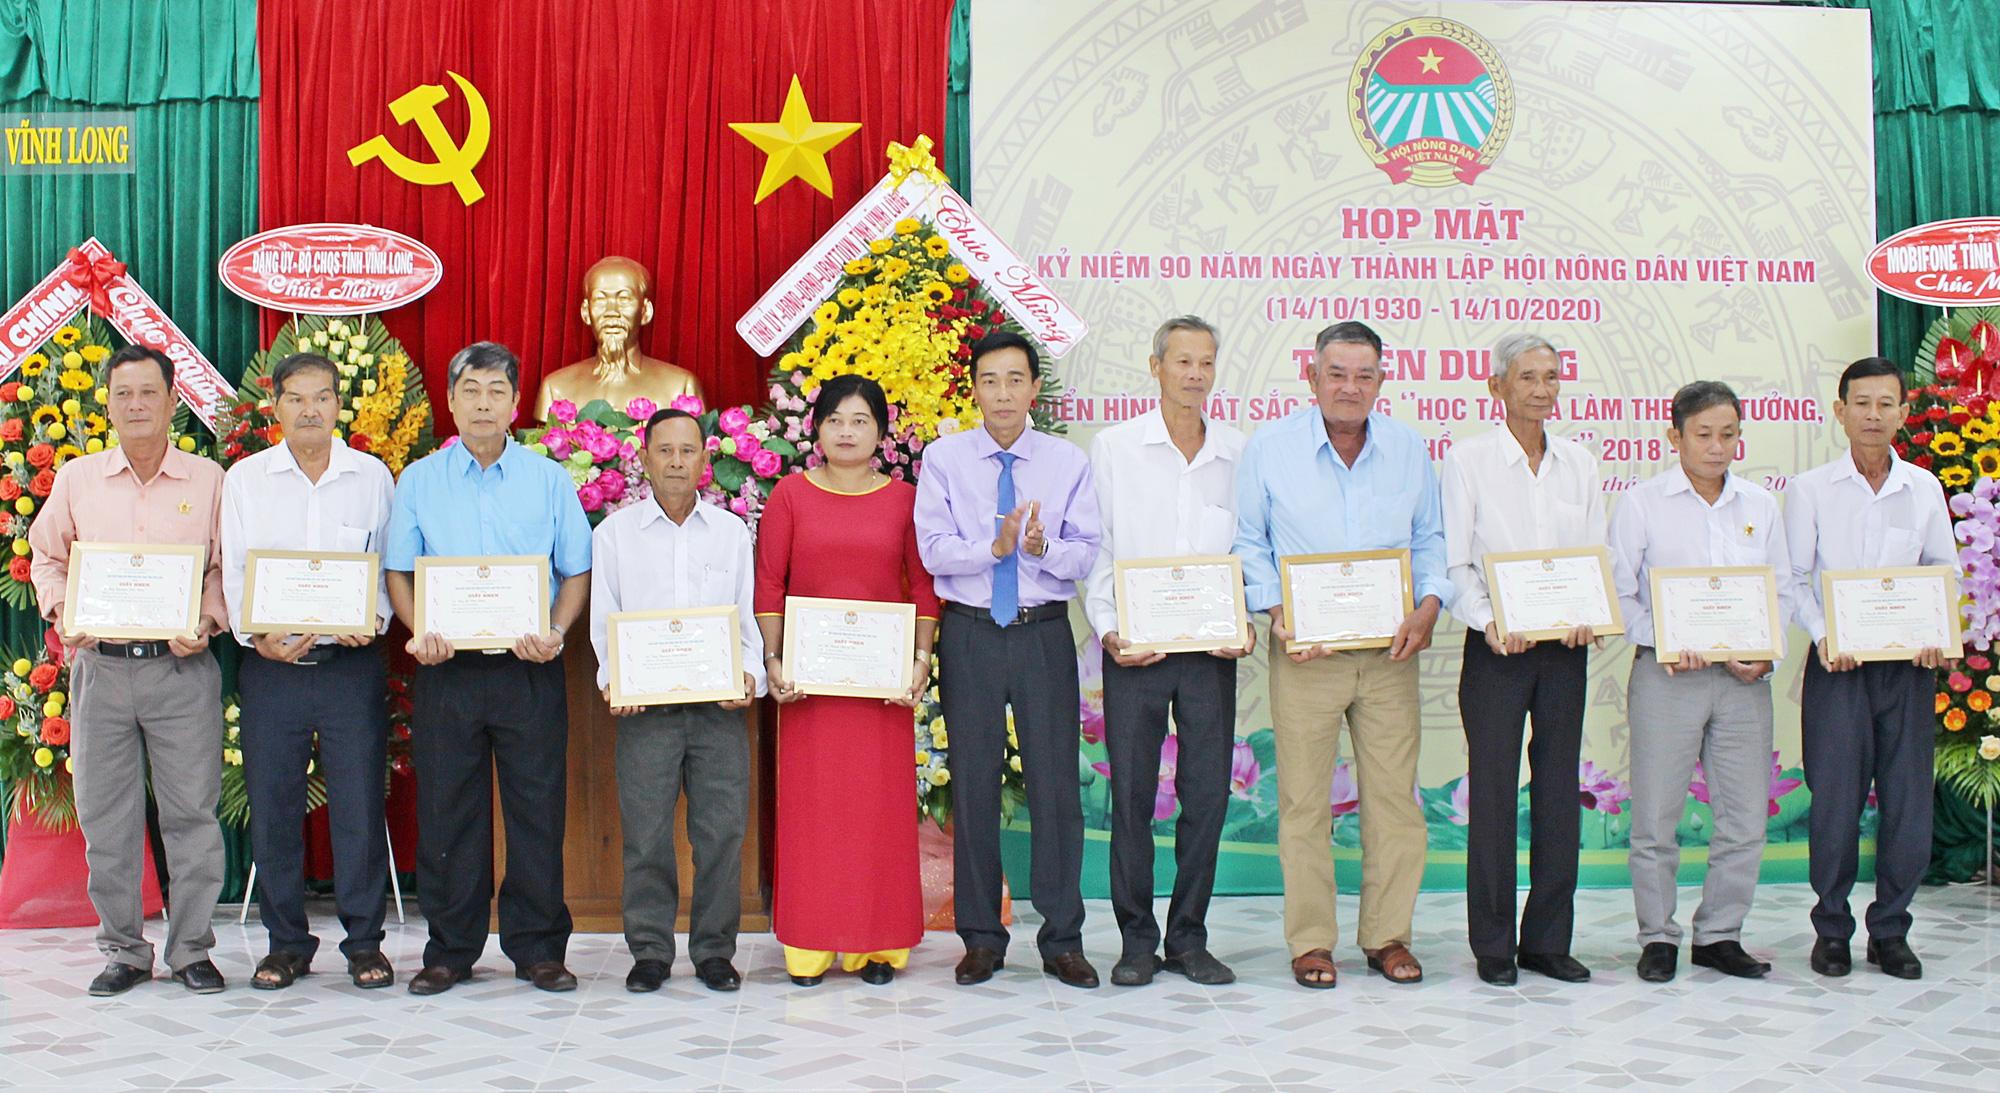 Hội Nông dân Vĩnh Long: Hai năm giúp 804 hội viên thoát nghèo - Ảnh 2.